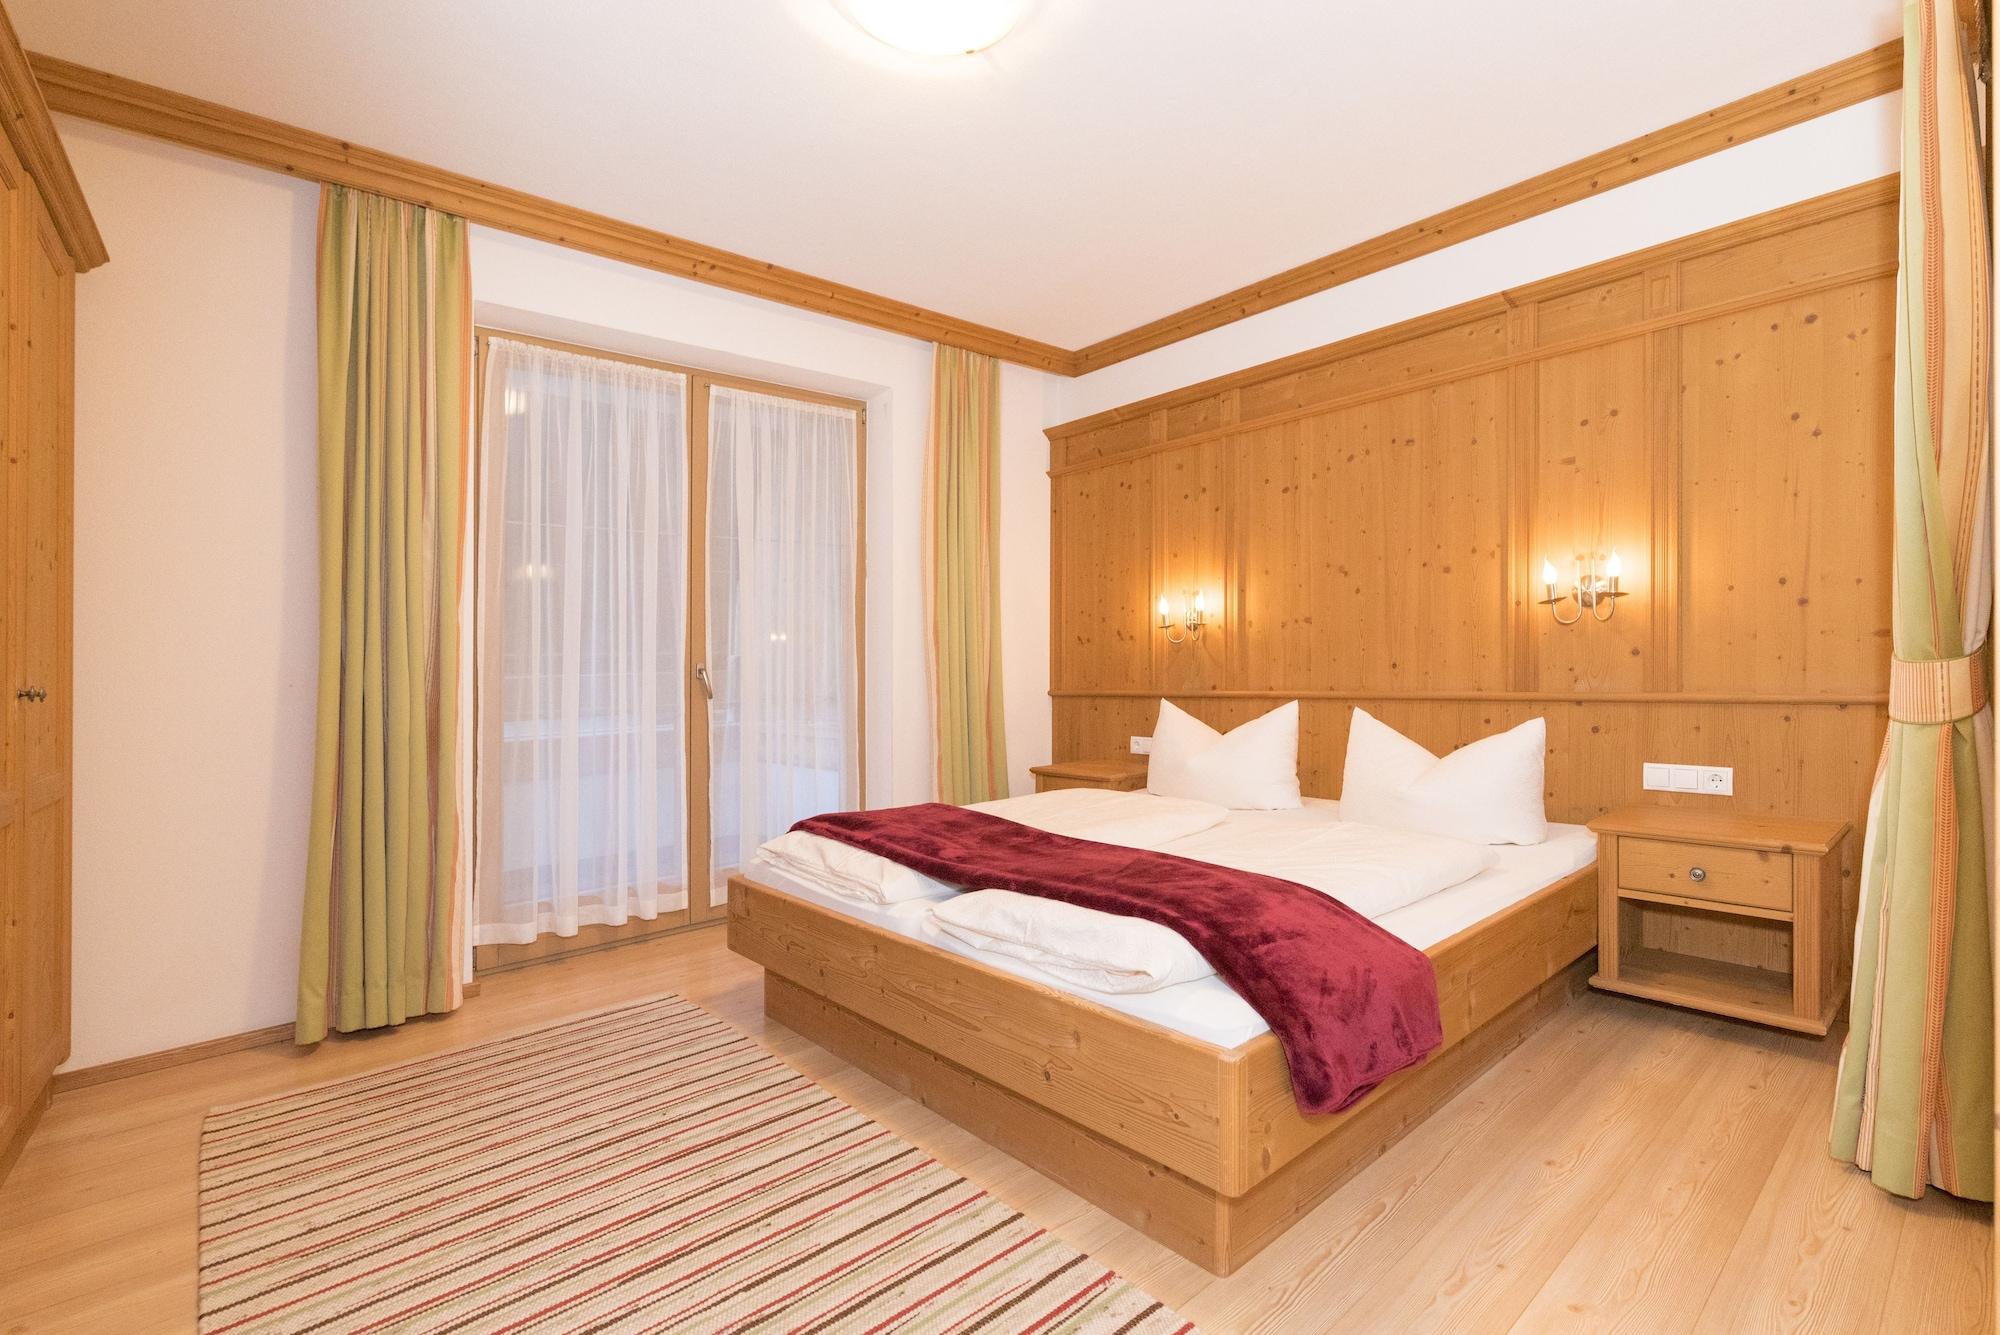 Gästehaus Schneider, Kufstein